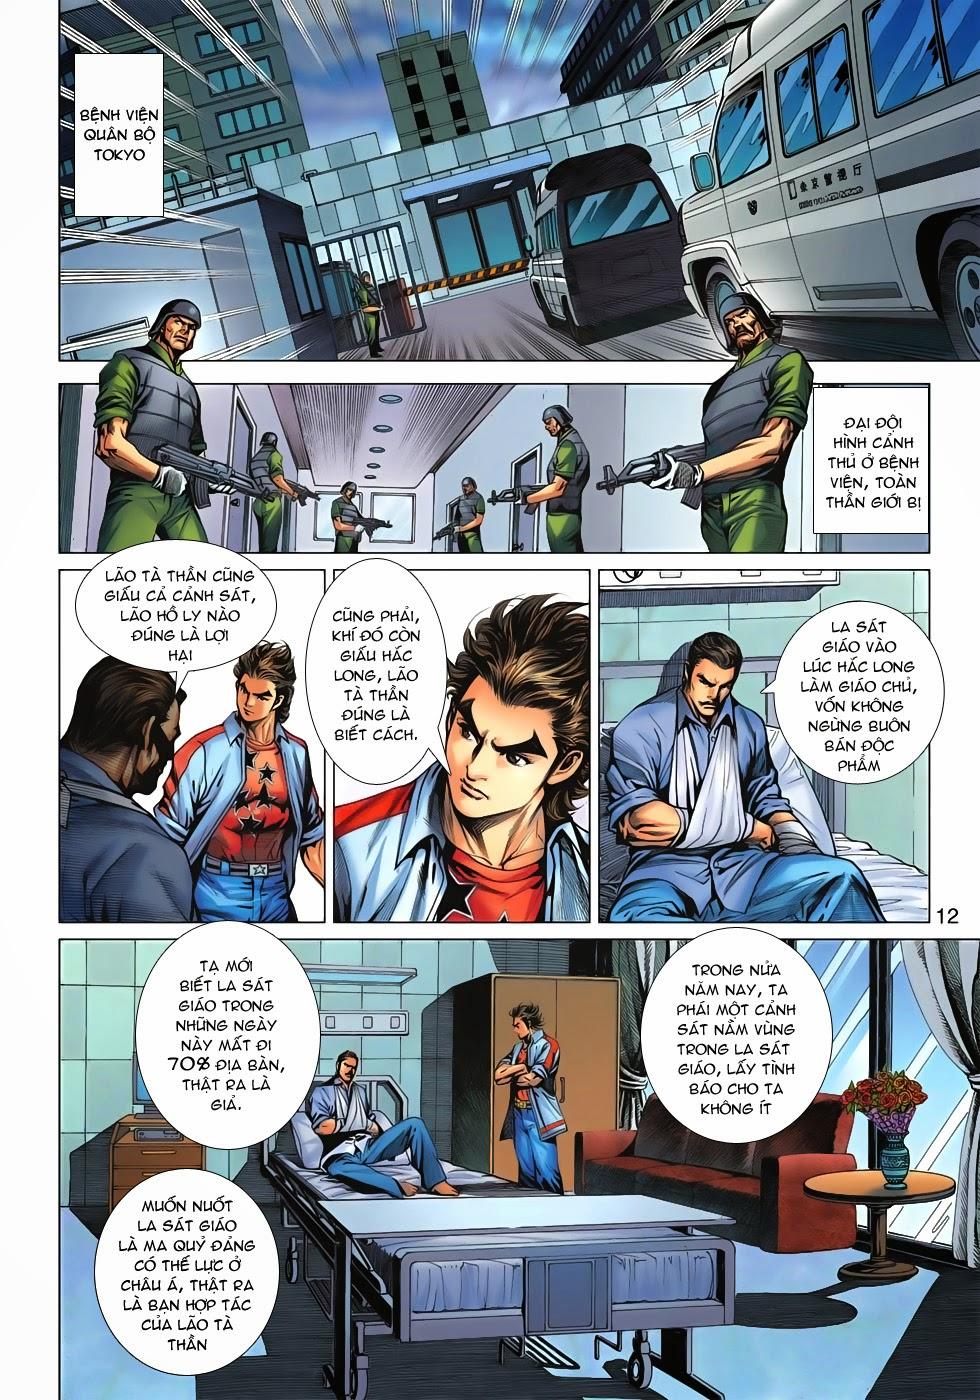 Tân Tác Long Hổ Môn chap 621 - Trang 9